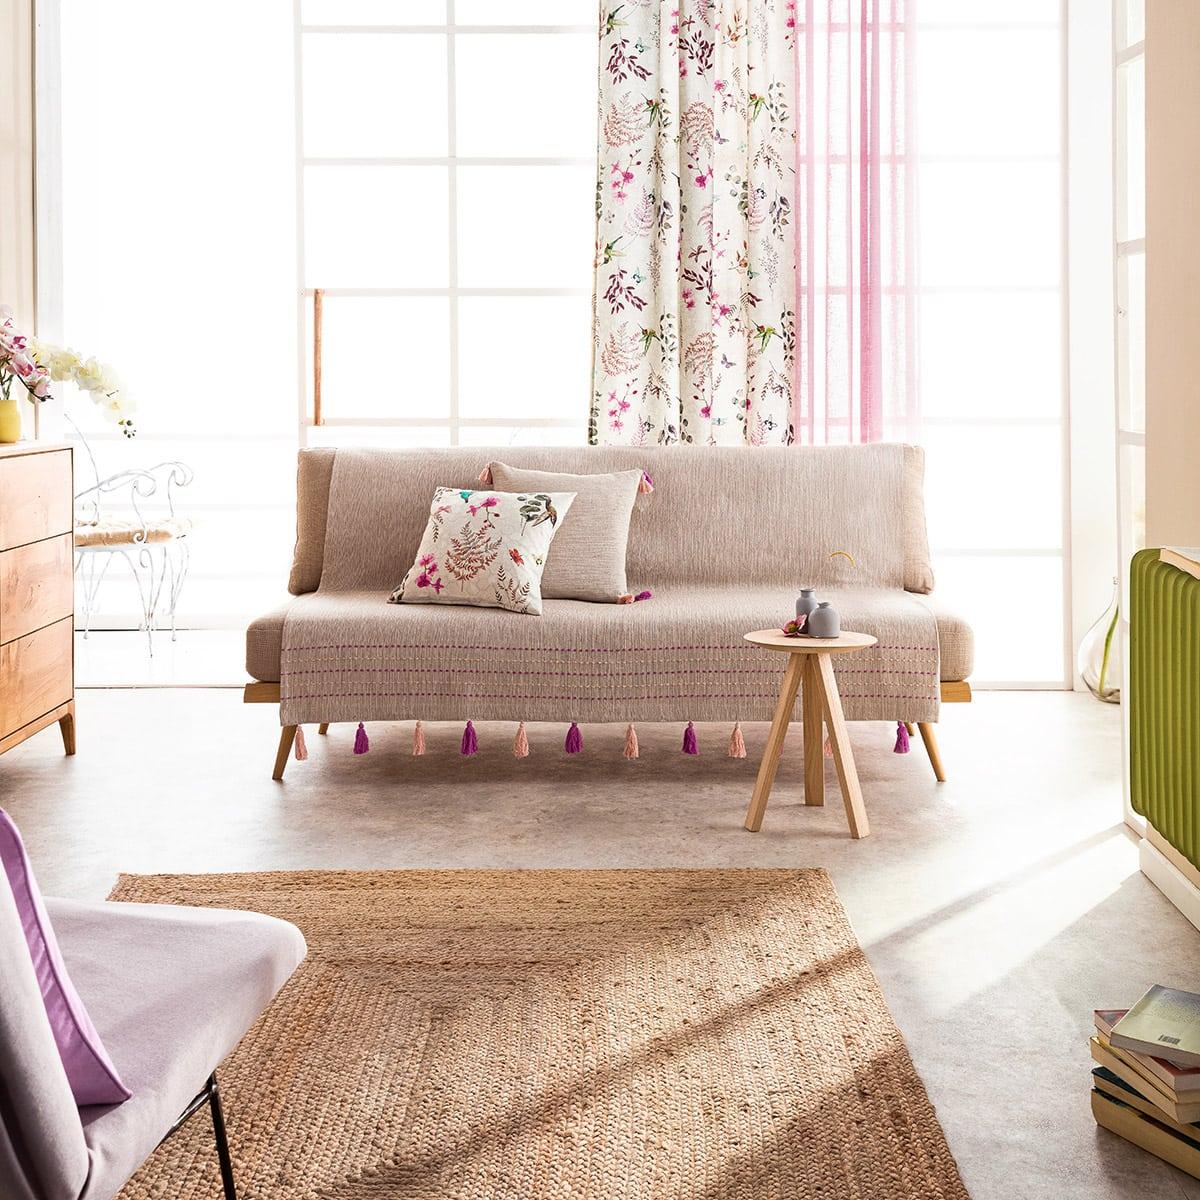 Ριχτάρι Trace 467/23 Fuchsia-Pink Gofis Home Πολυθρόνα 180x180cm